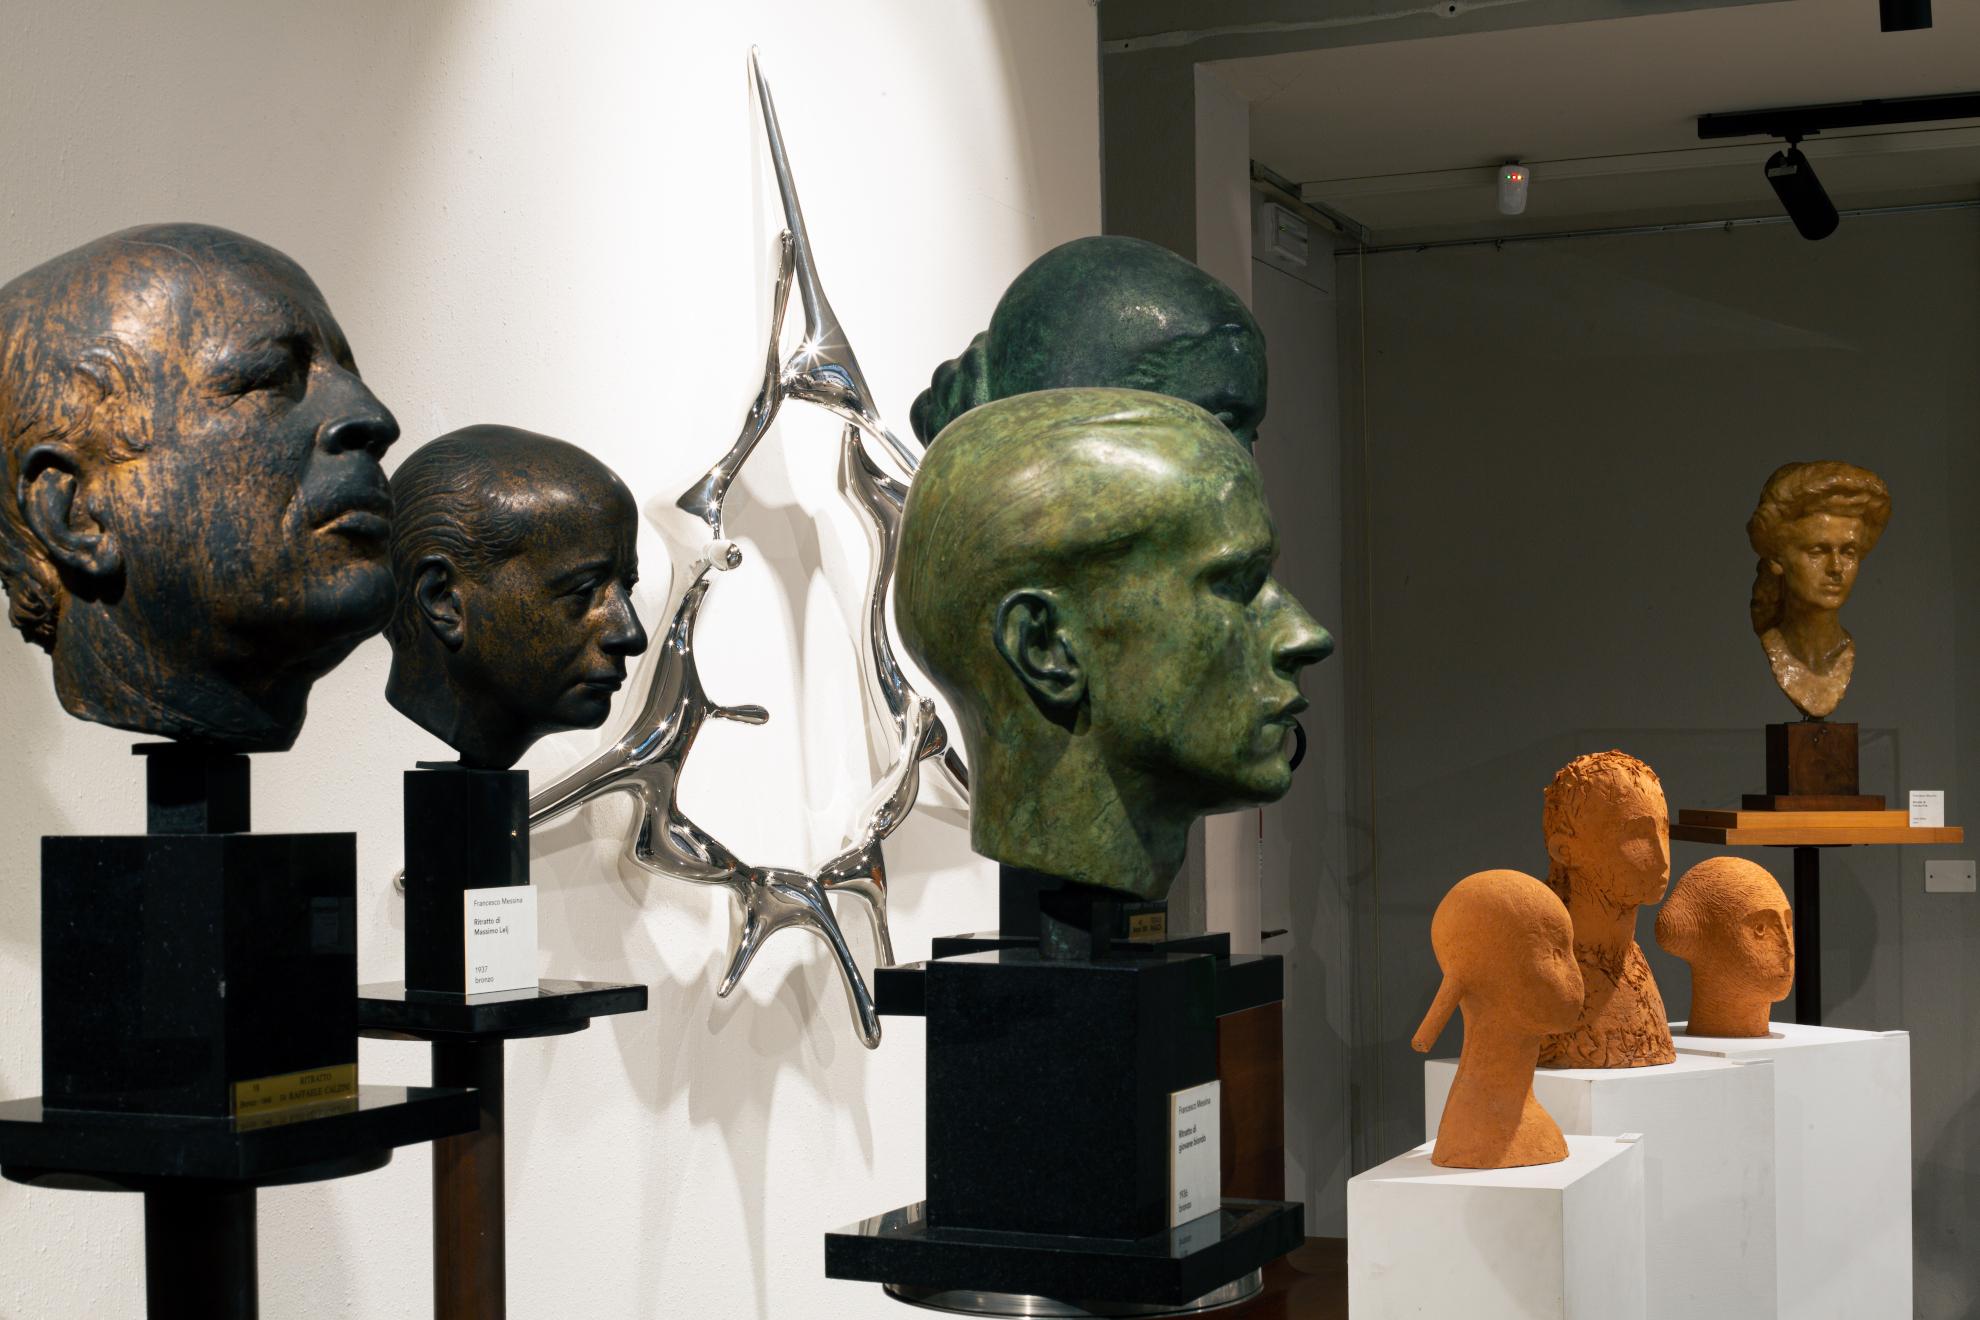 Le creature dalle forme organiche di Kim SeungHwan in dialogo con Francesco Messina, a Milano